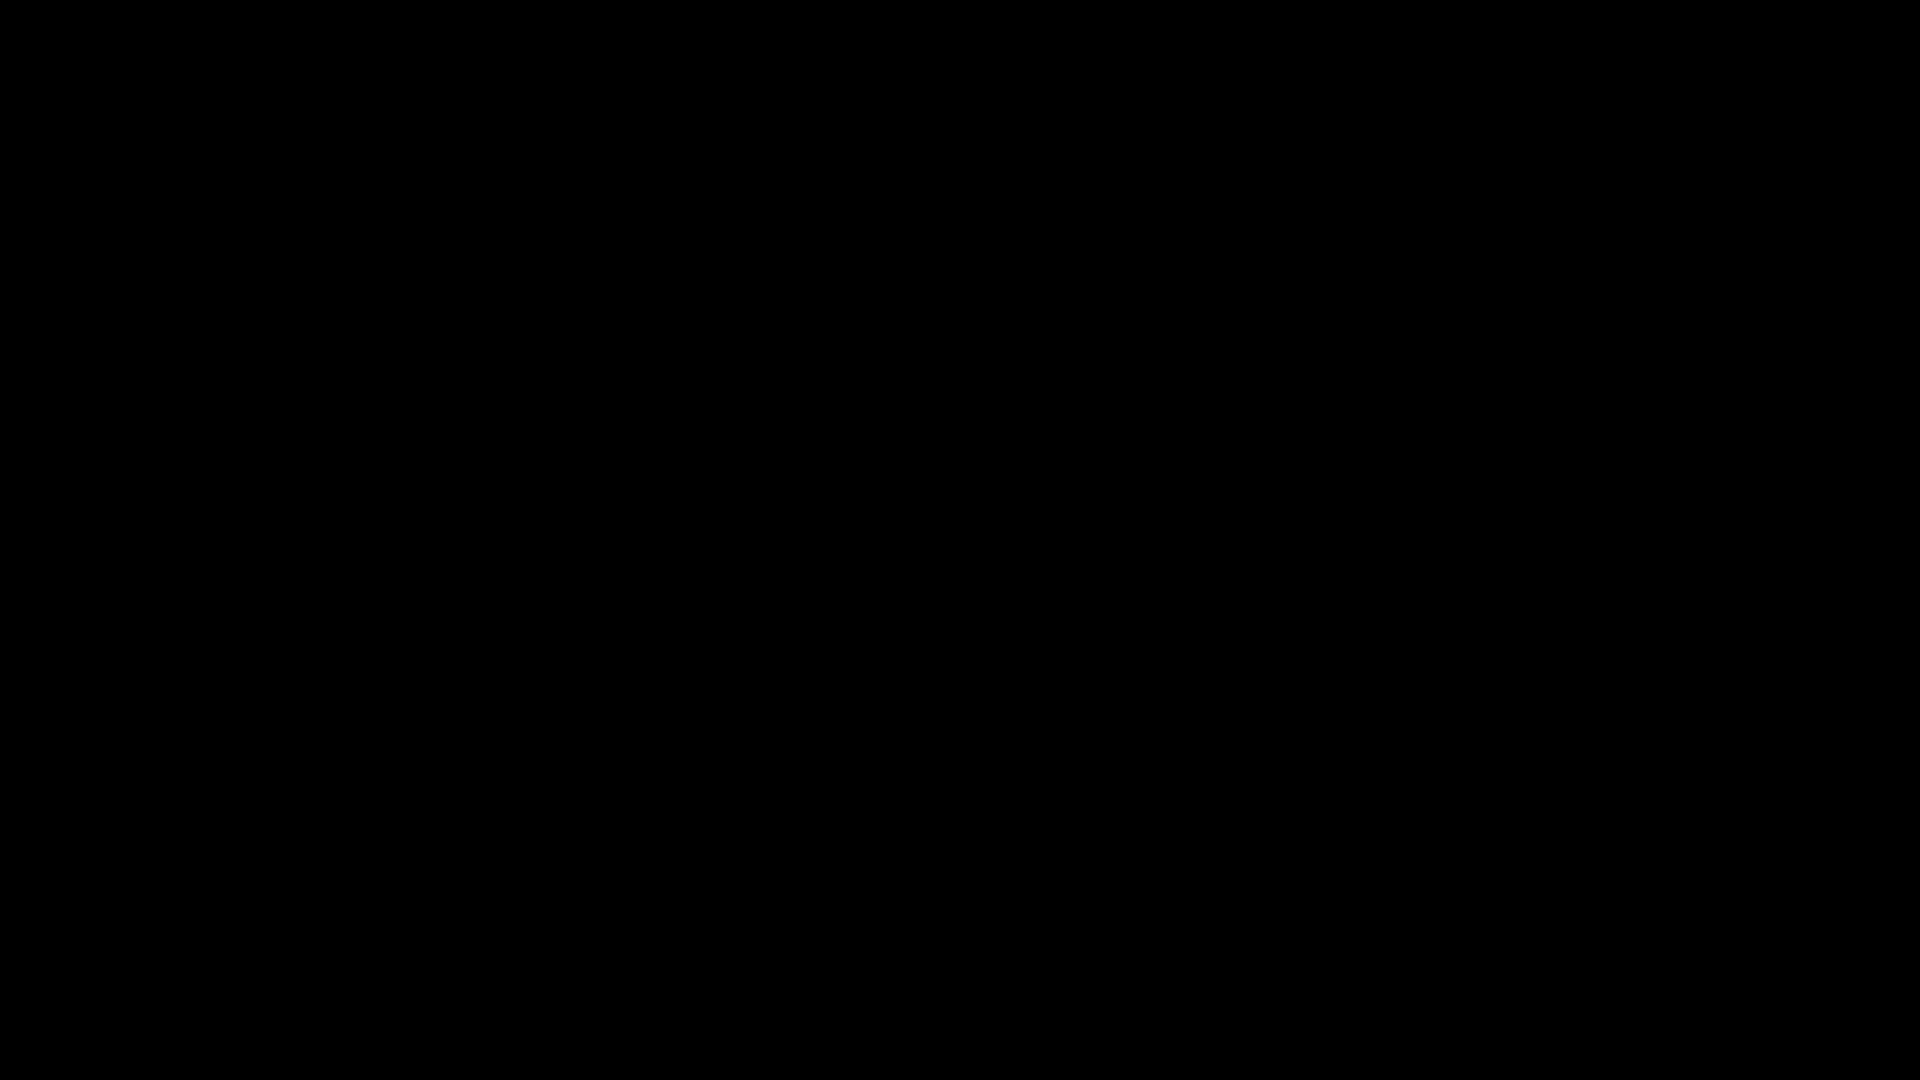 metalgearsolid, MGS GIFs